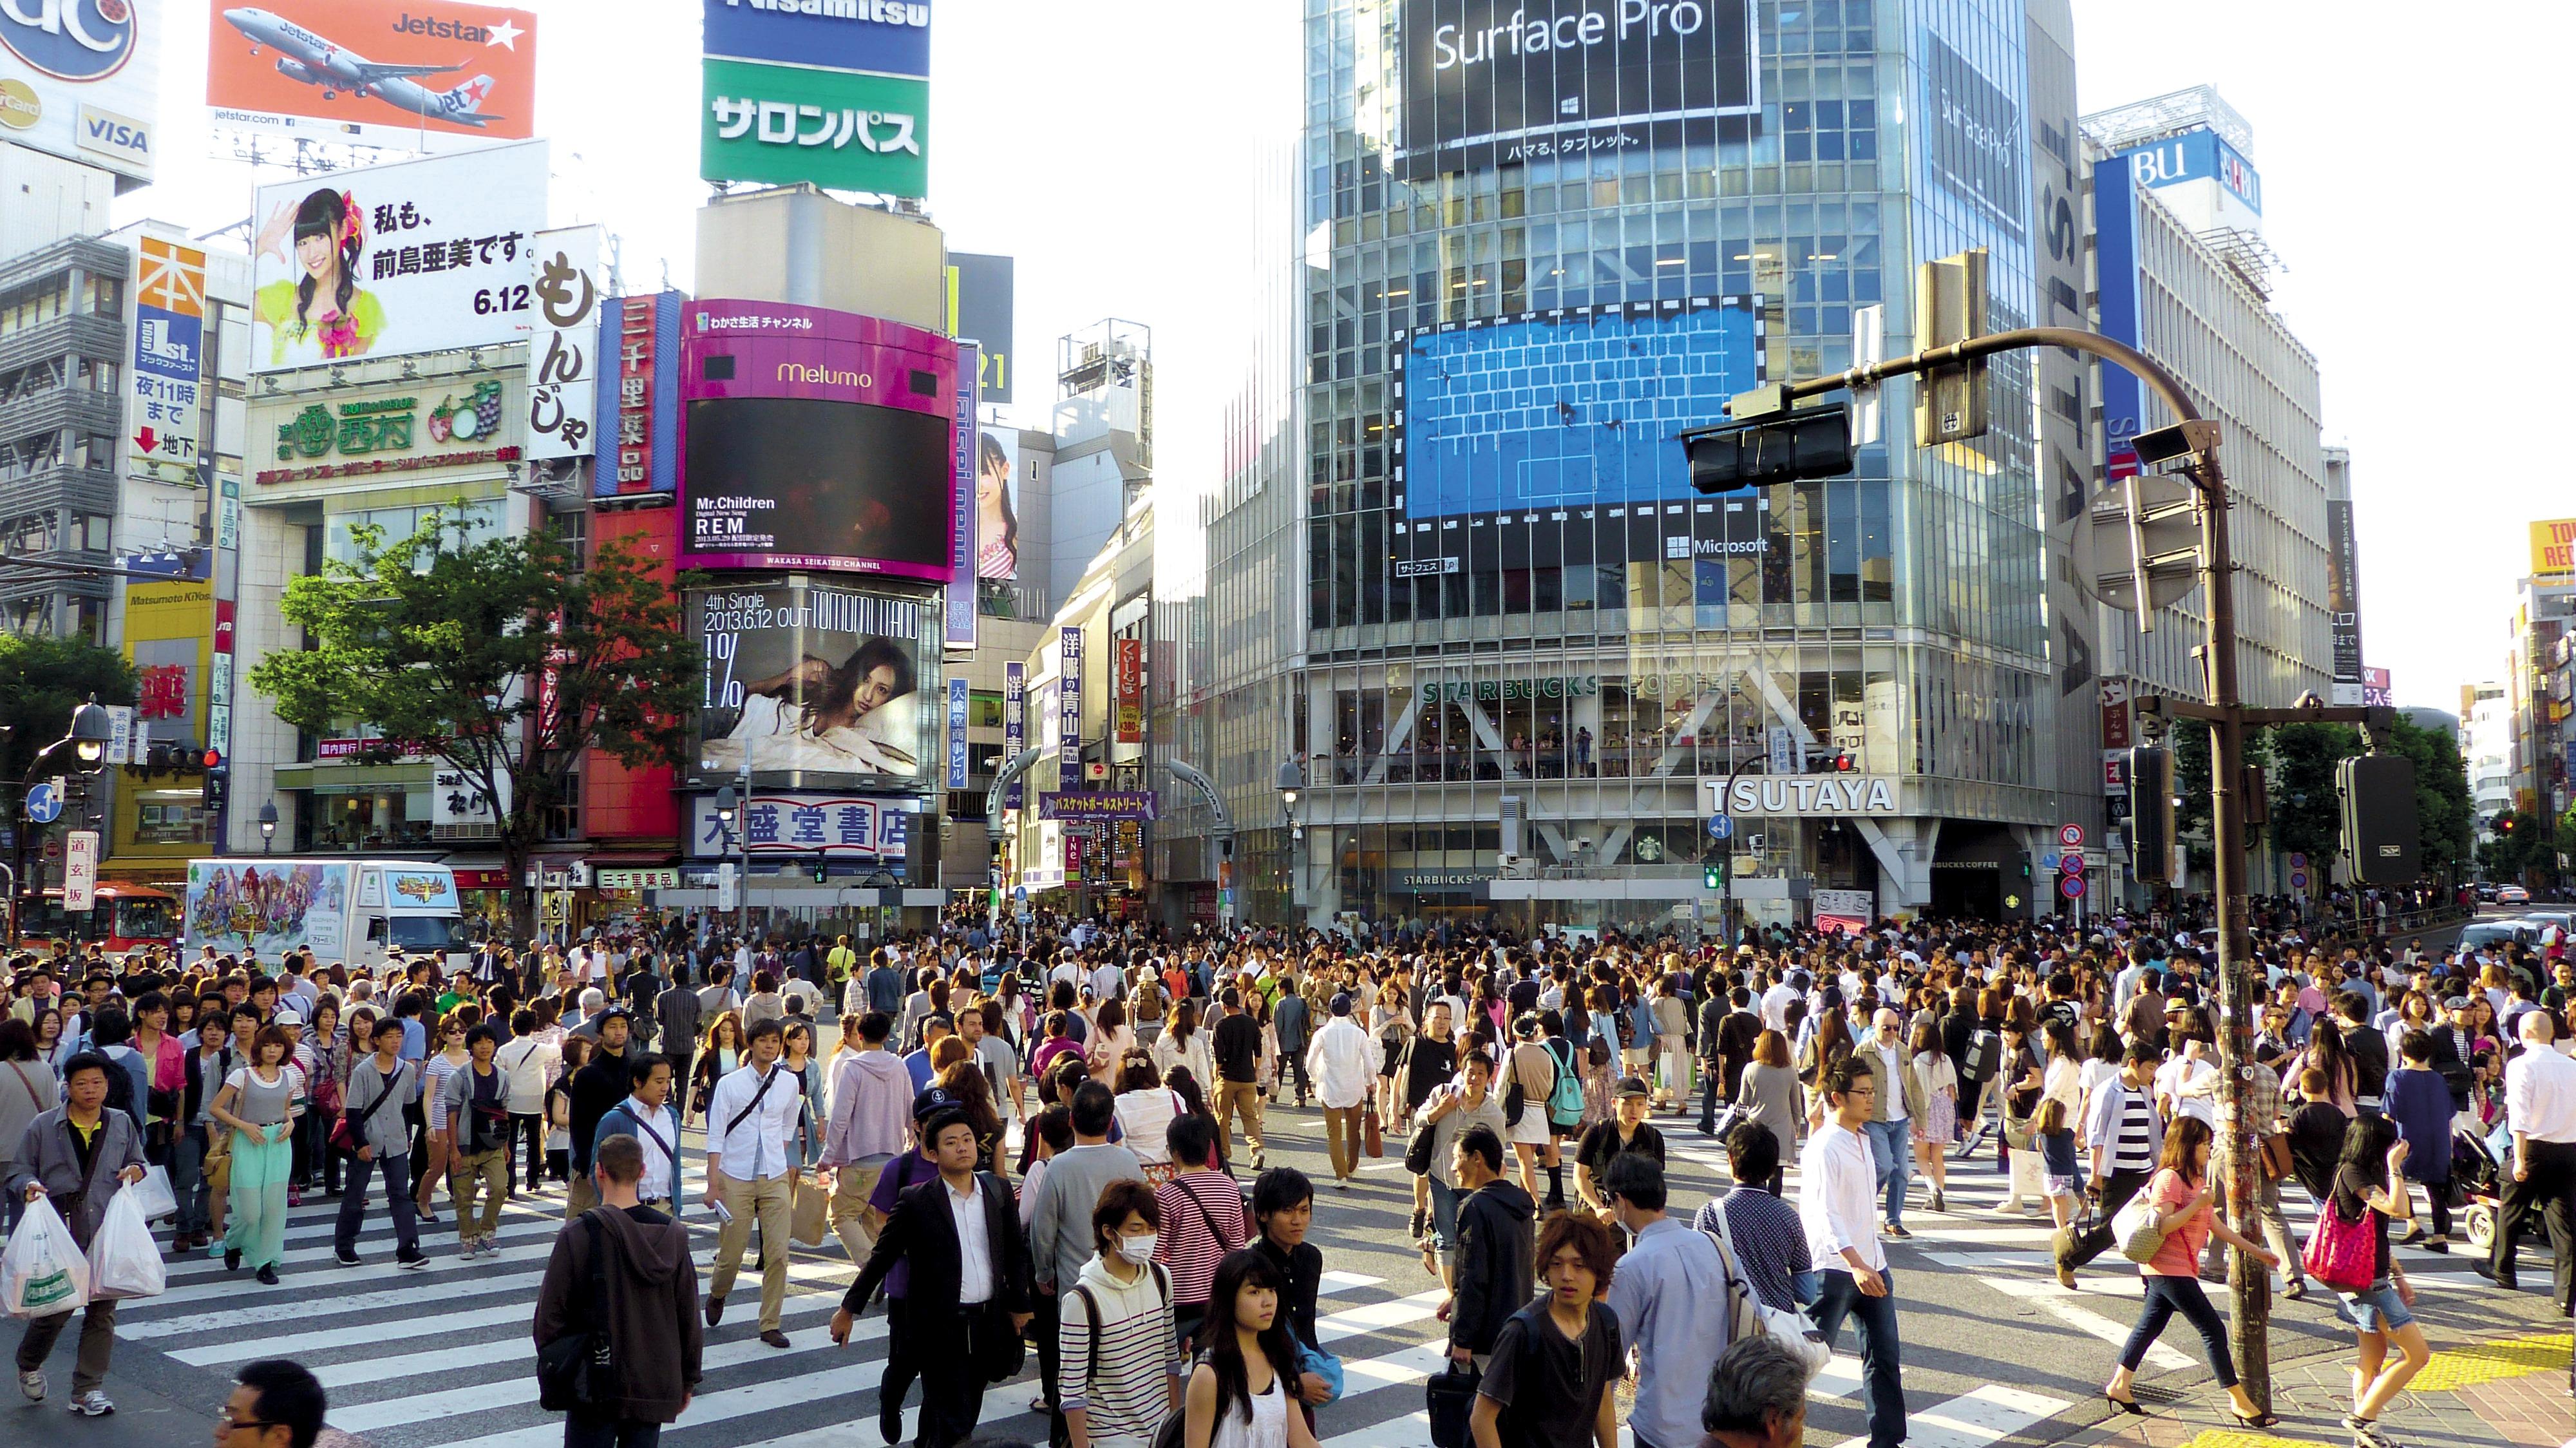 اليابان ستمنح ثلاثة ملايين ين لمن ينتقل خارج طوكيو